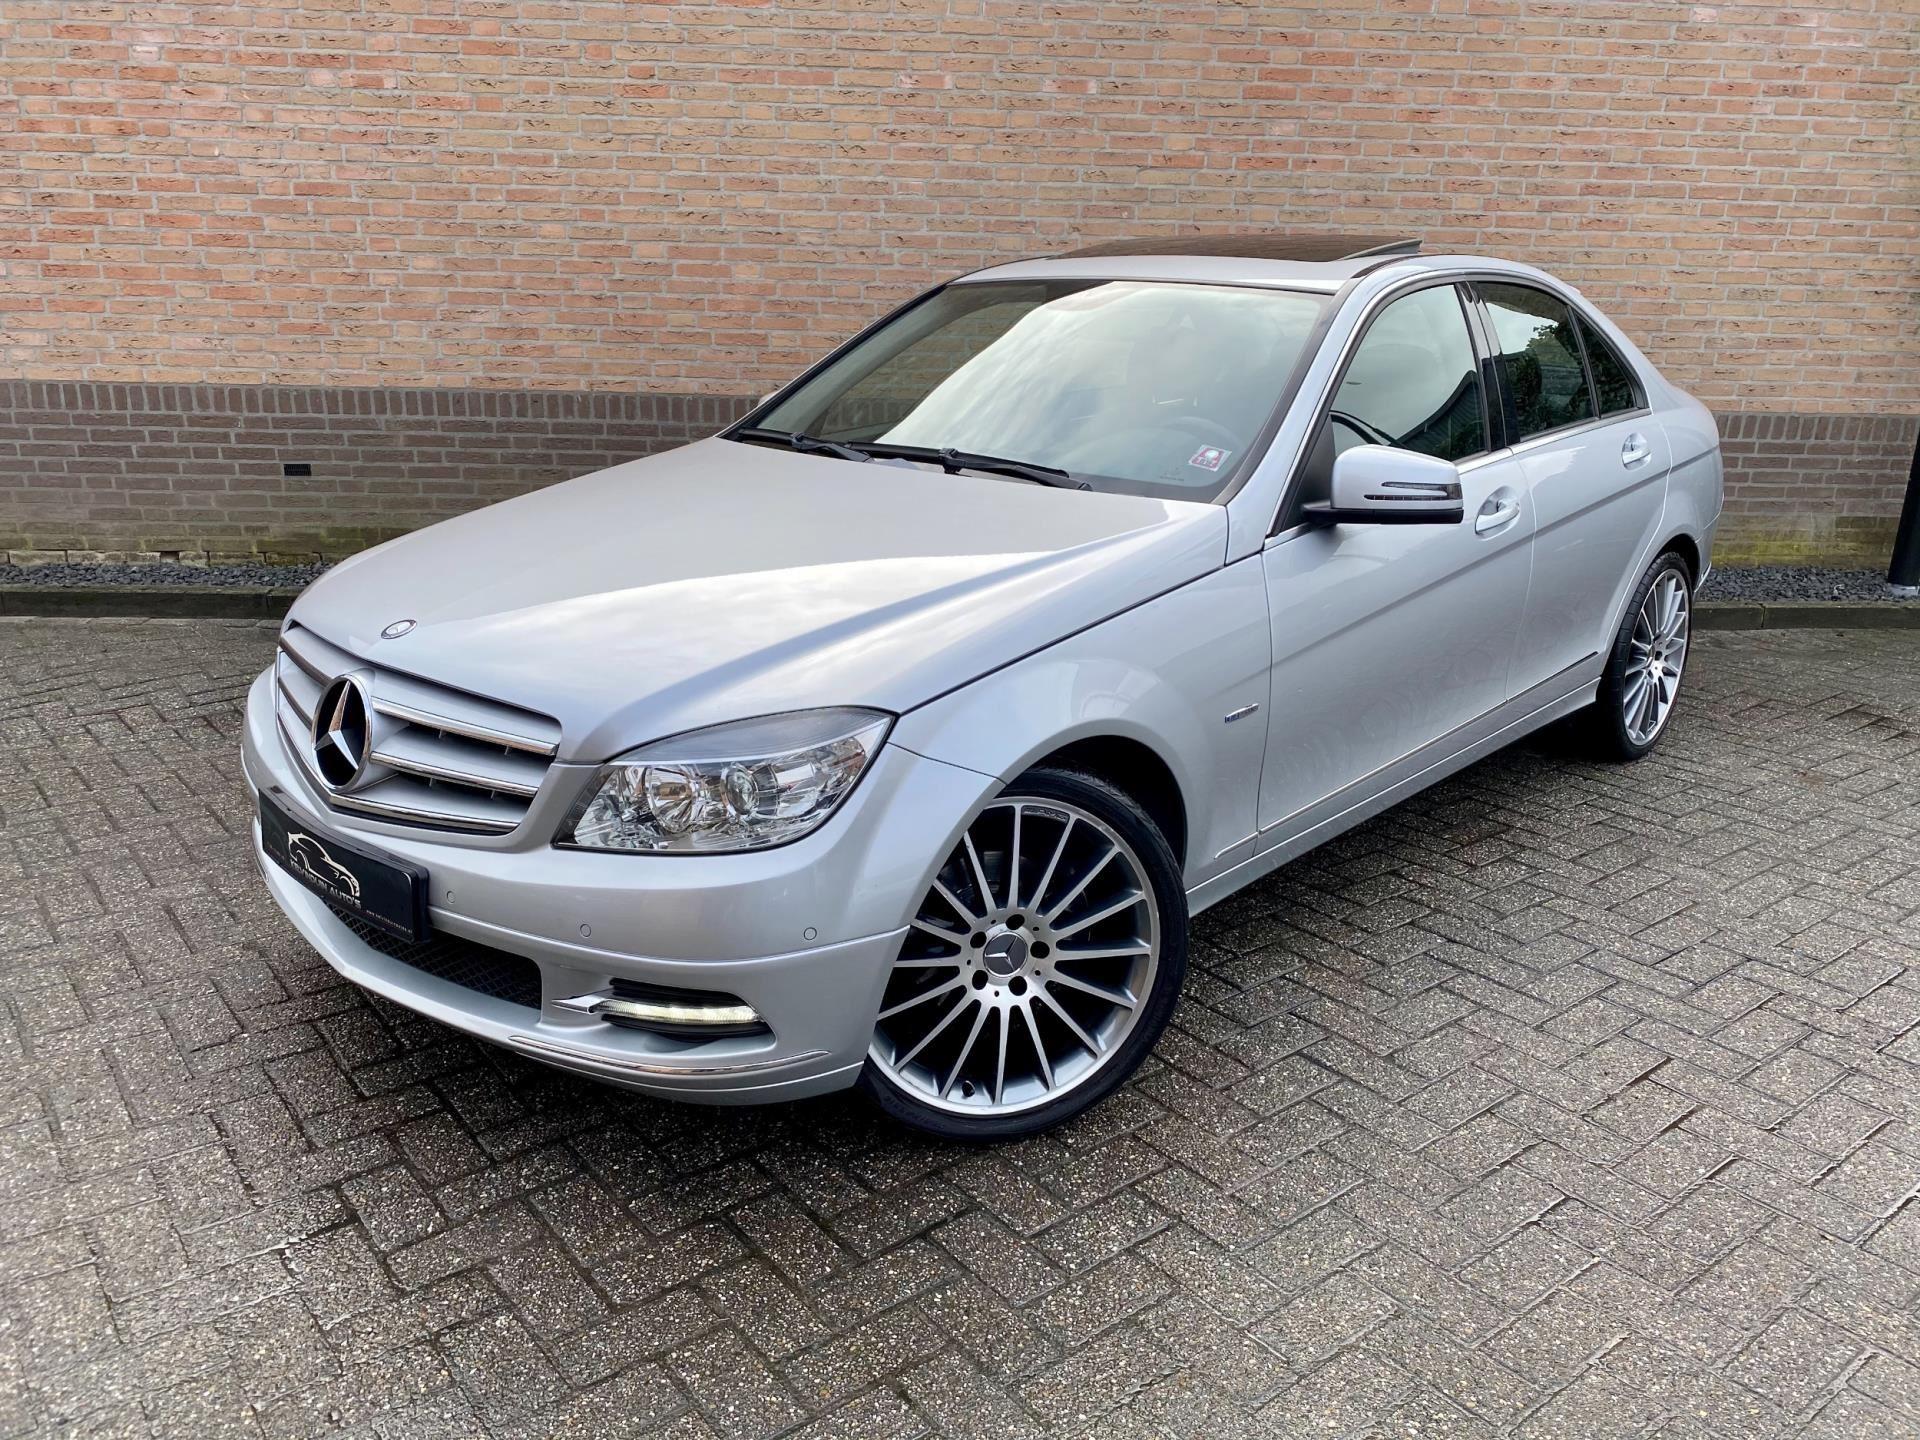 Mercedes-Benz C-klasse occasion - Kelvin Duin Auto's